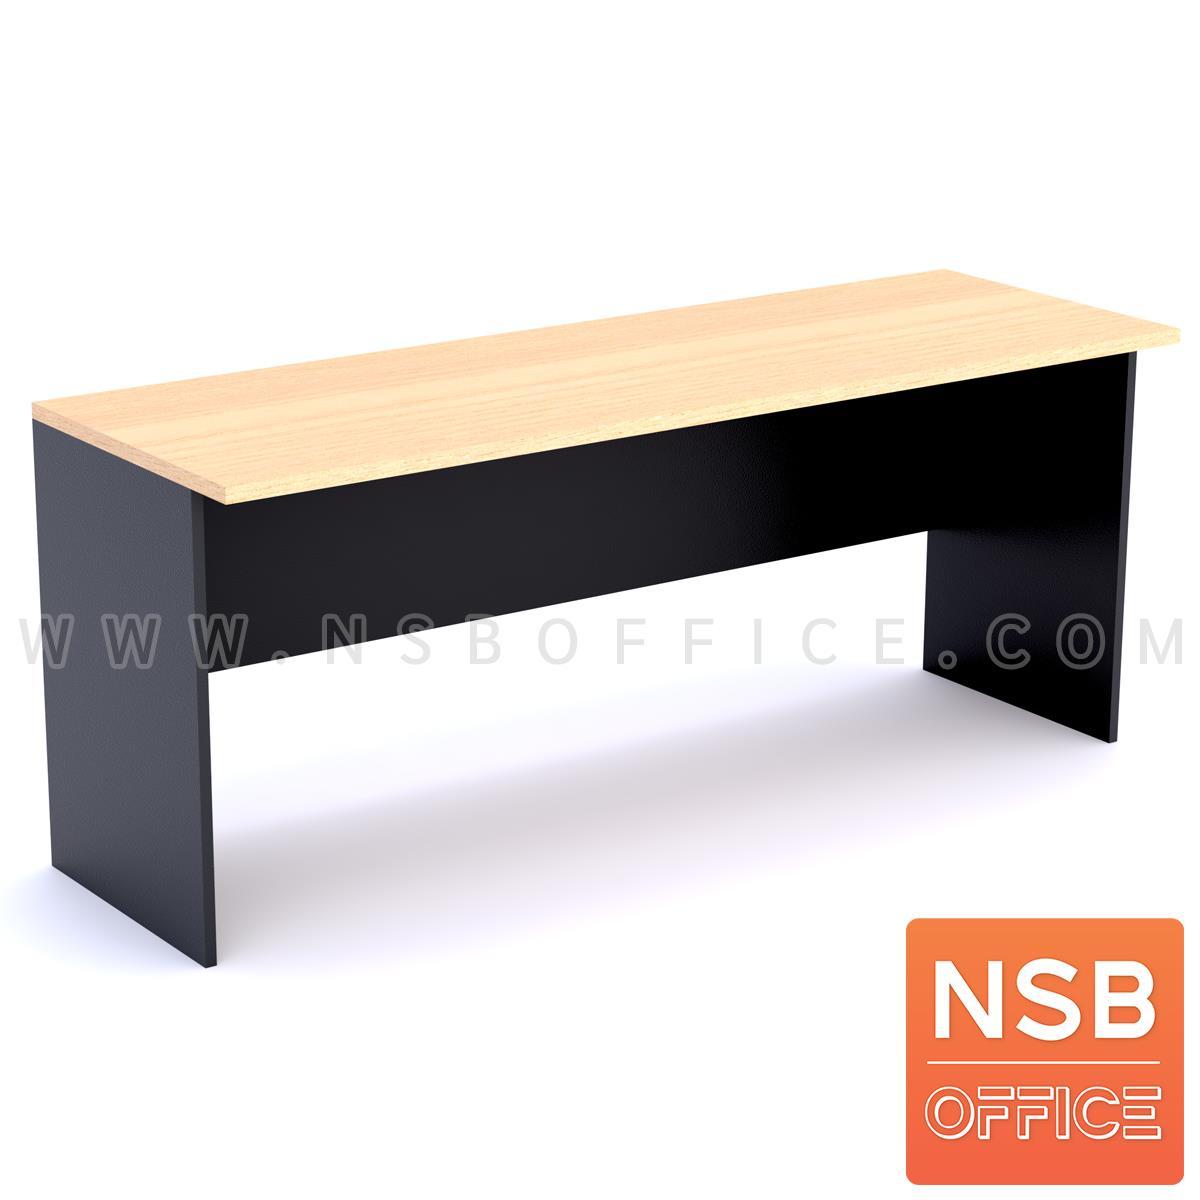 โต๊ะประชุมตรง 75D cm.  ขนาด 80W ,120W ,150W ,180W ,210W cm.   เมลามีน